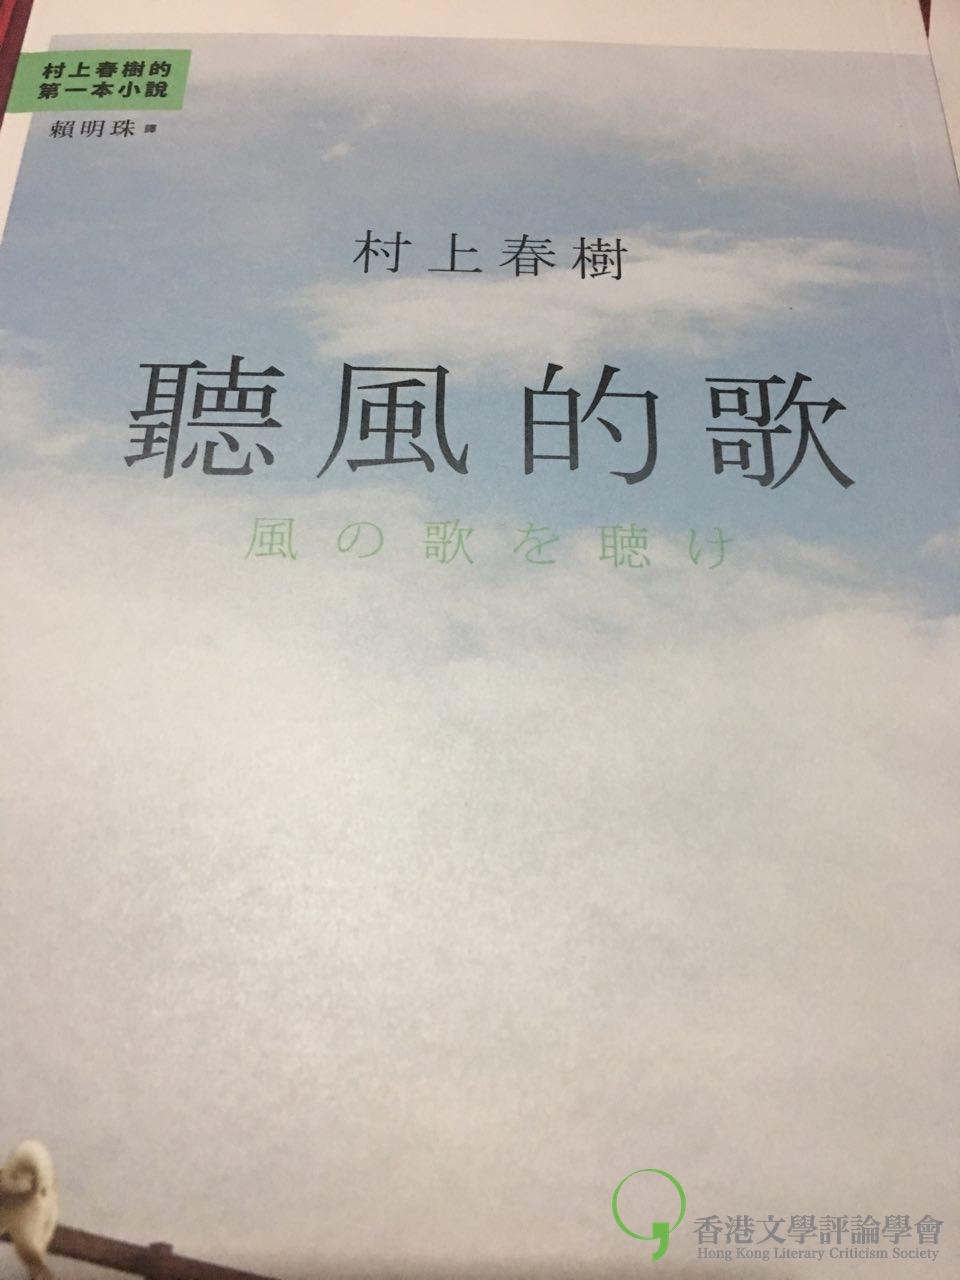 村上春樹作品《聽風的歌》